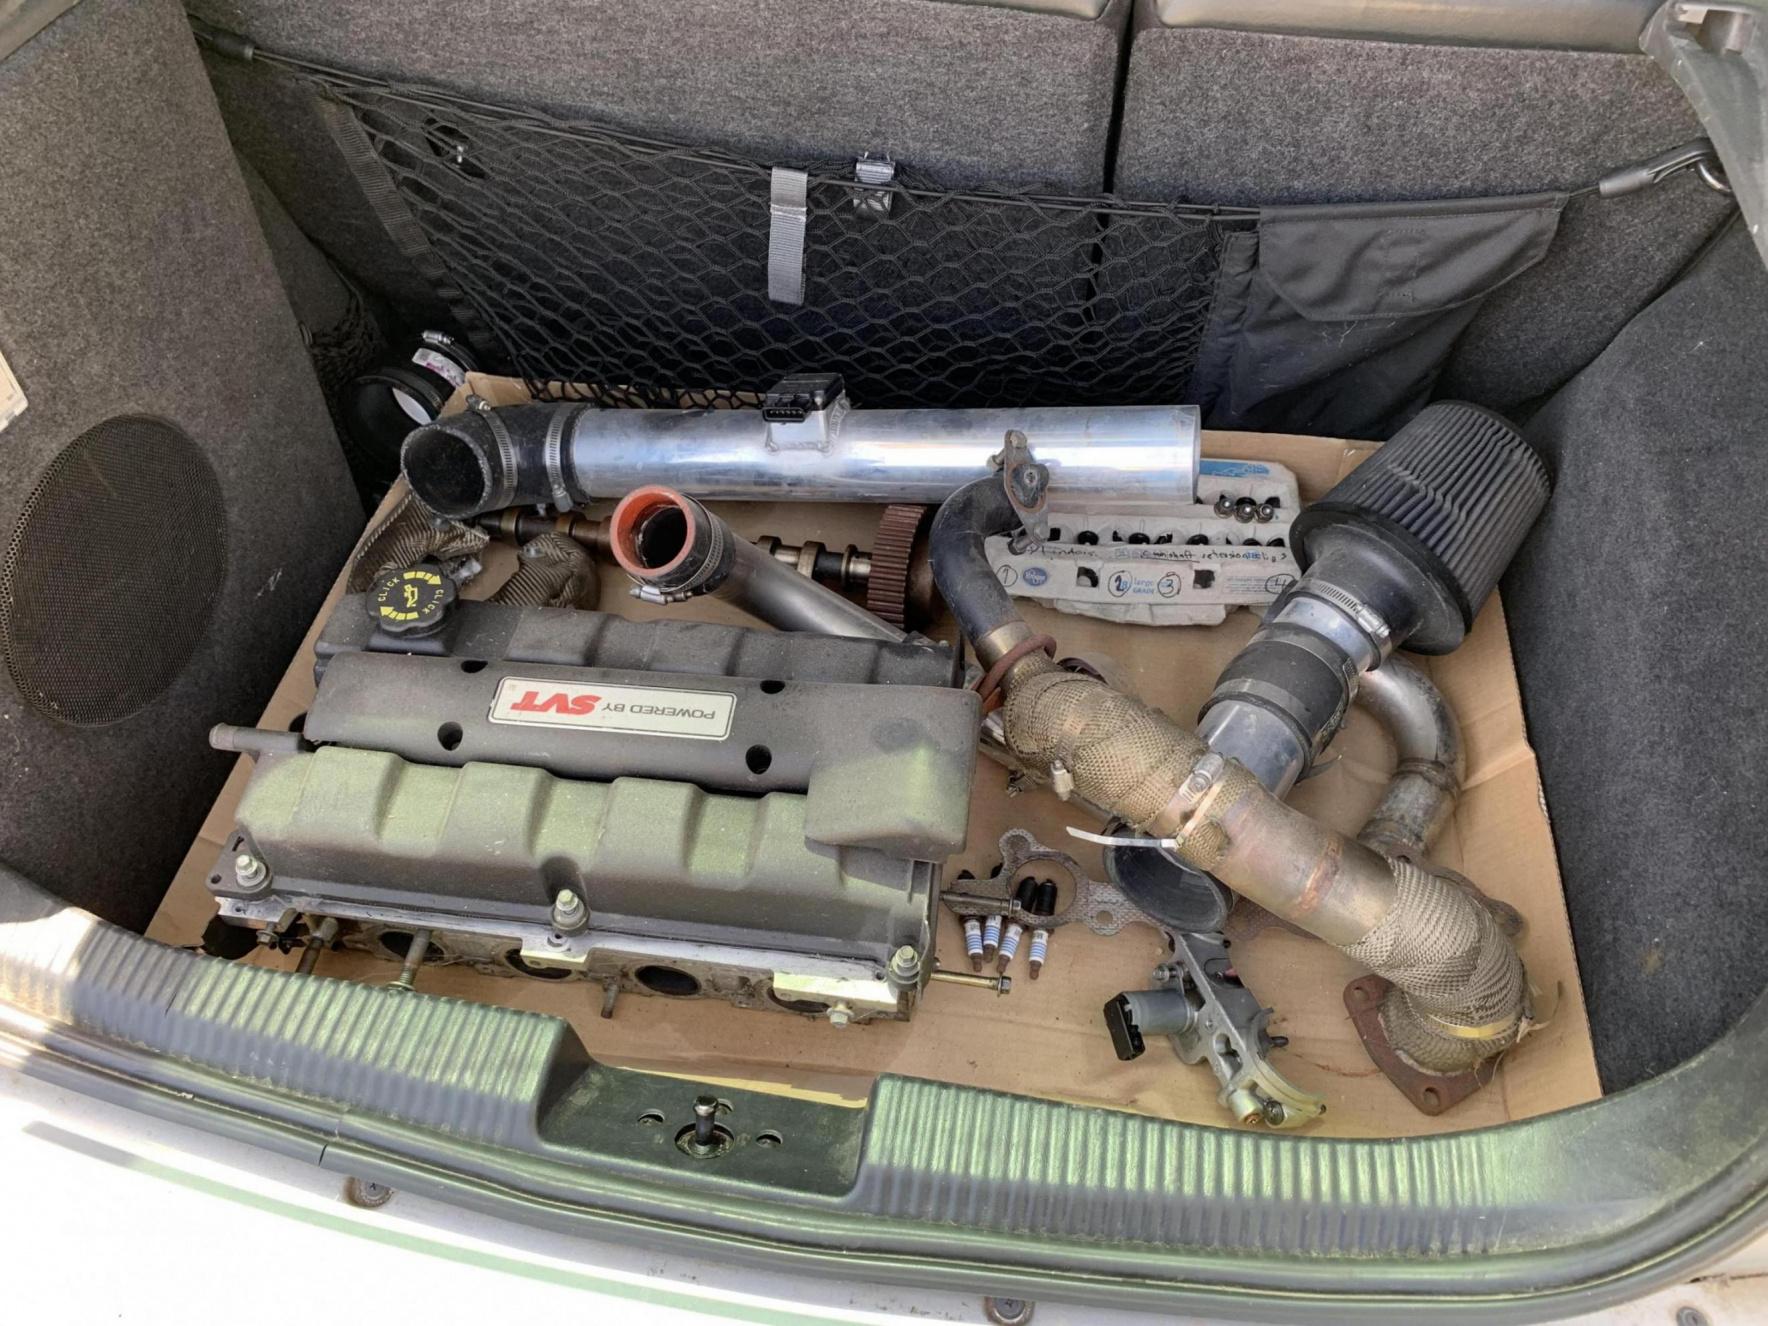 2004 SVTF EAP ZX5 (blown engine)-0a4536bf-0548-42c2-9a57-eaa95456487d_1562681051552.jpg